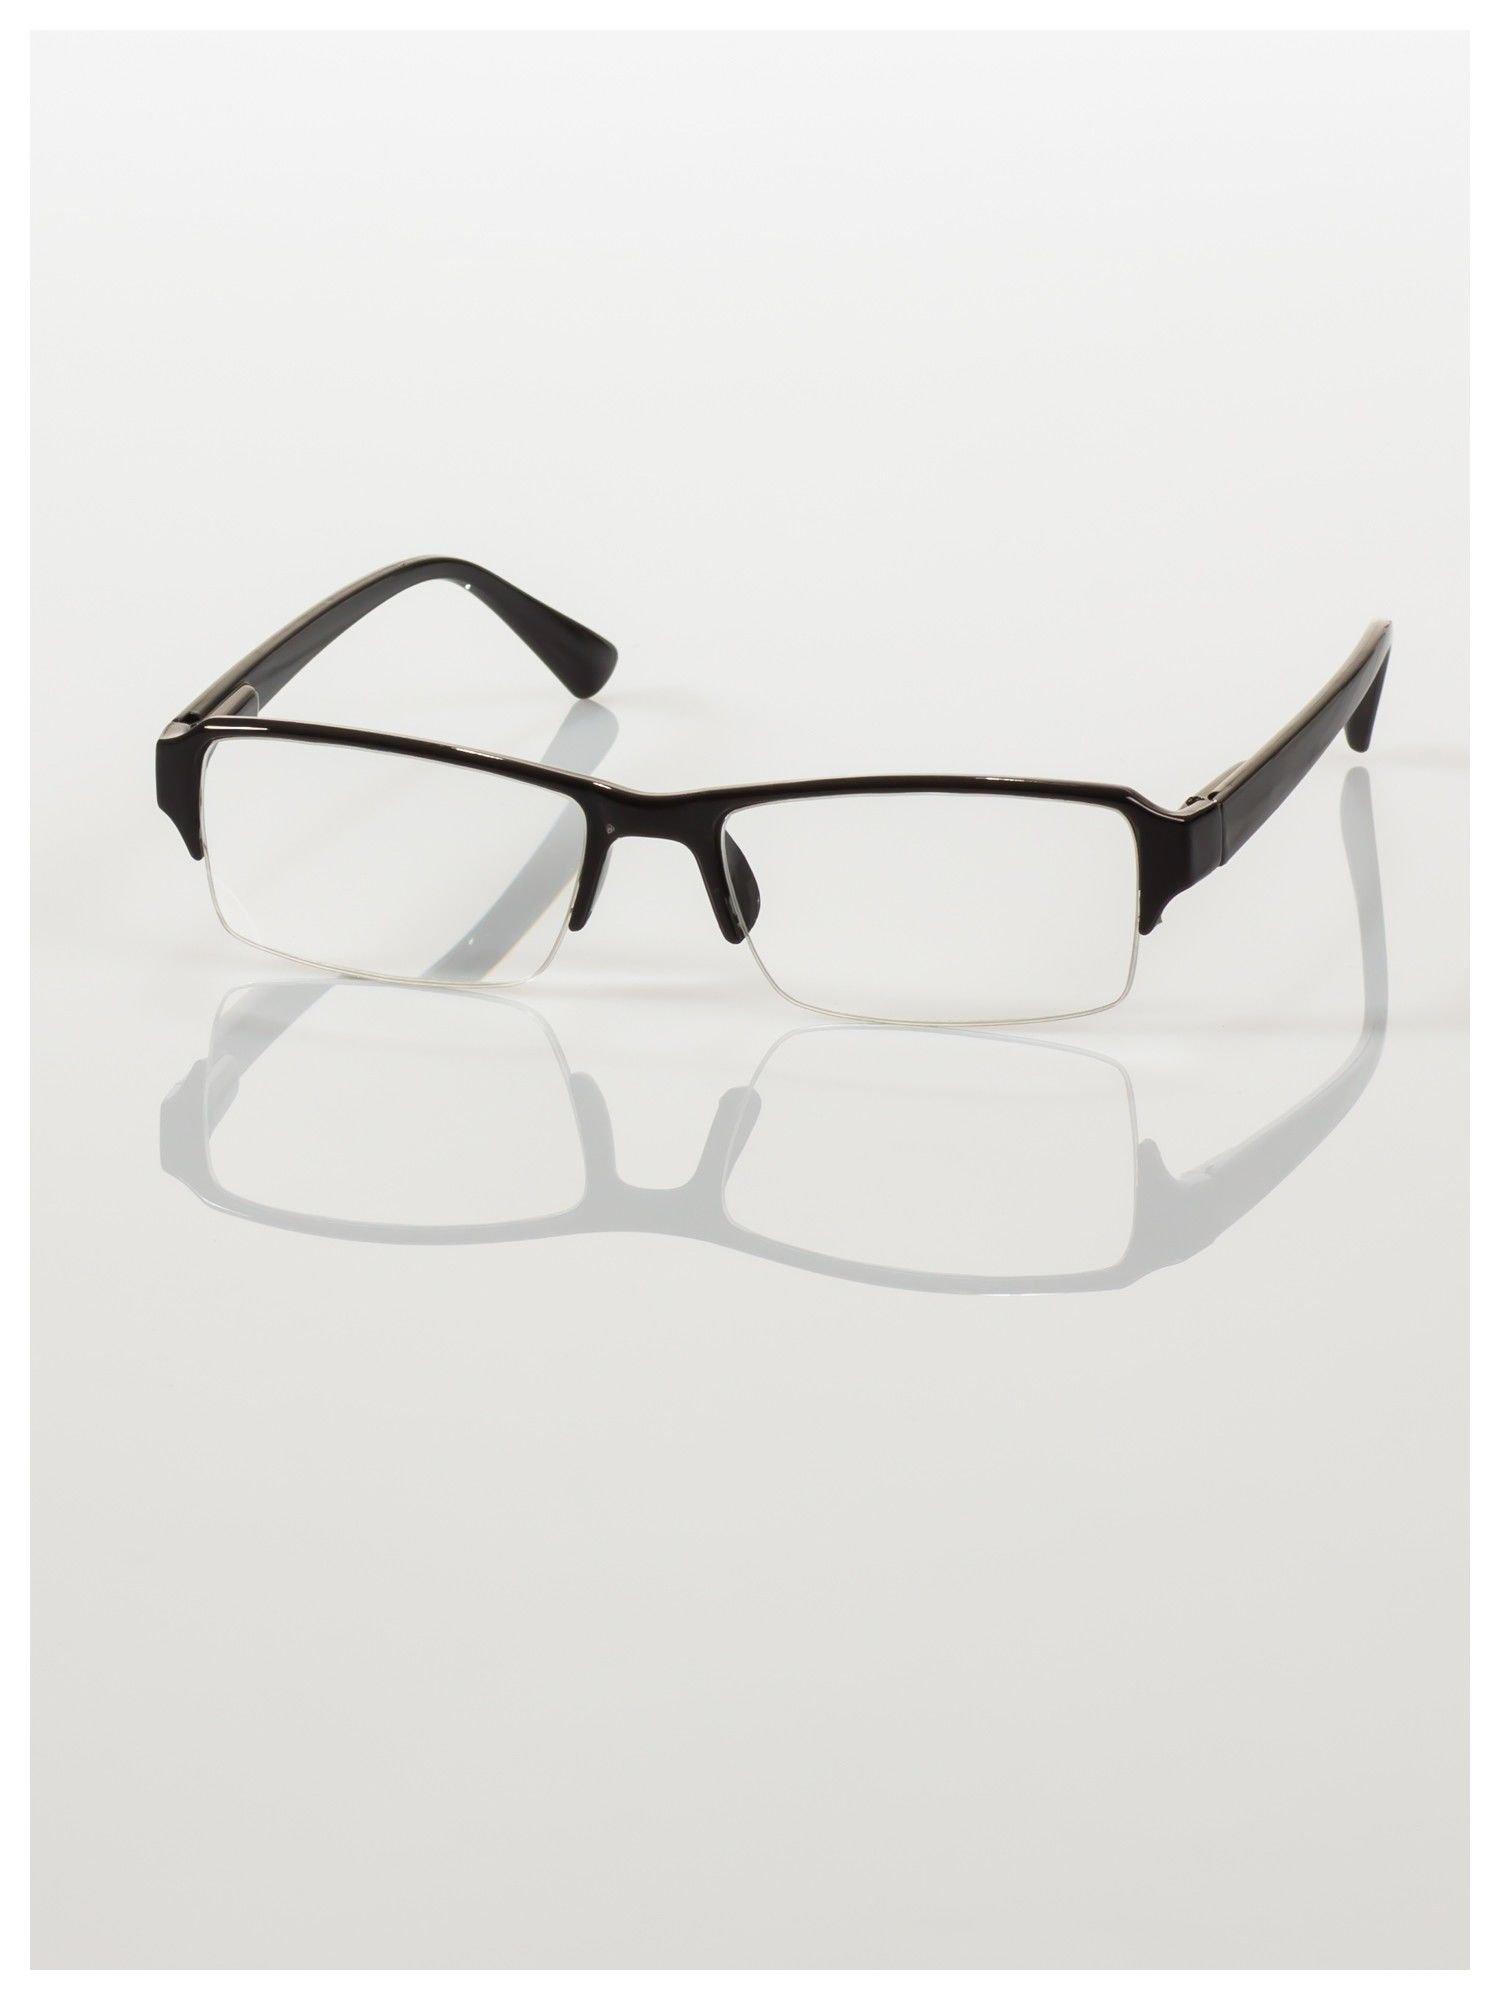 Okulary korekcyjne +3.5 D do czytania z systemem FLEX na zausznikach +GRATIS PLASTIKOWE ETUI I ŚCIERECZKA Z MIKROFIBRY                                  zdj.                                  3